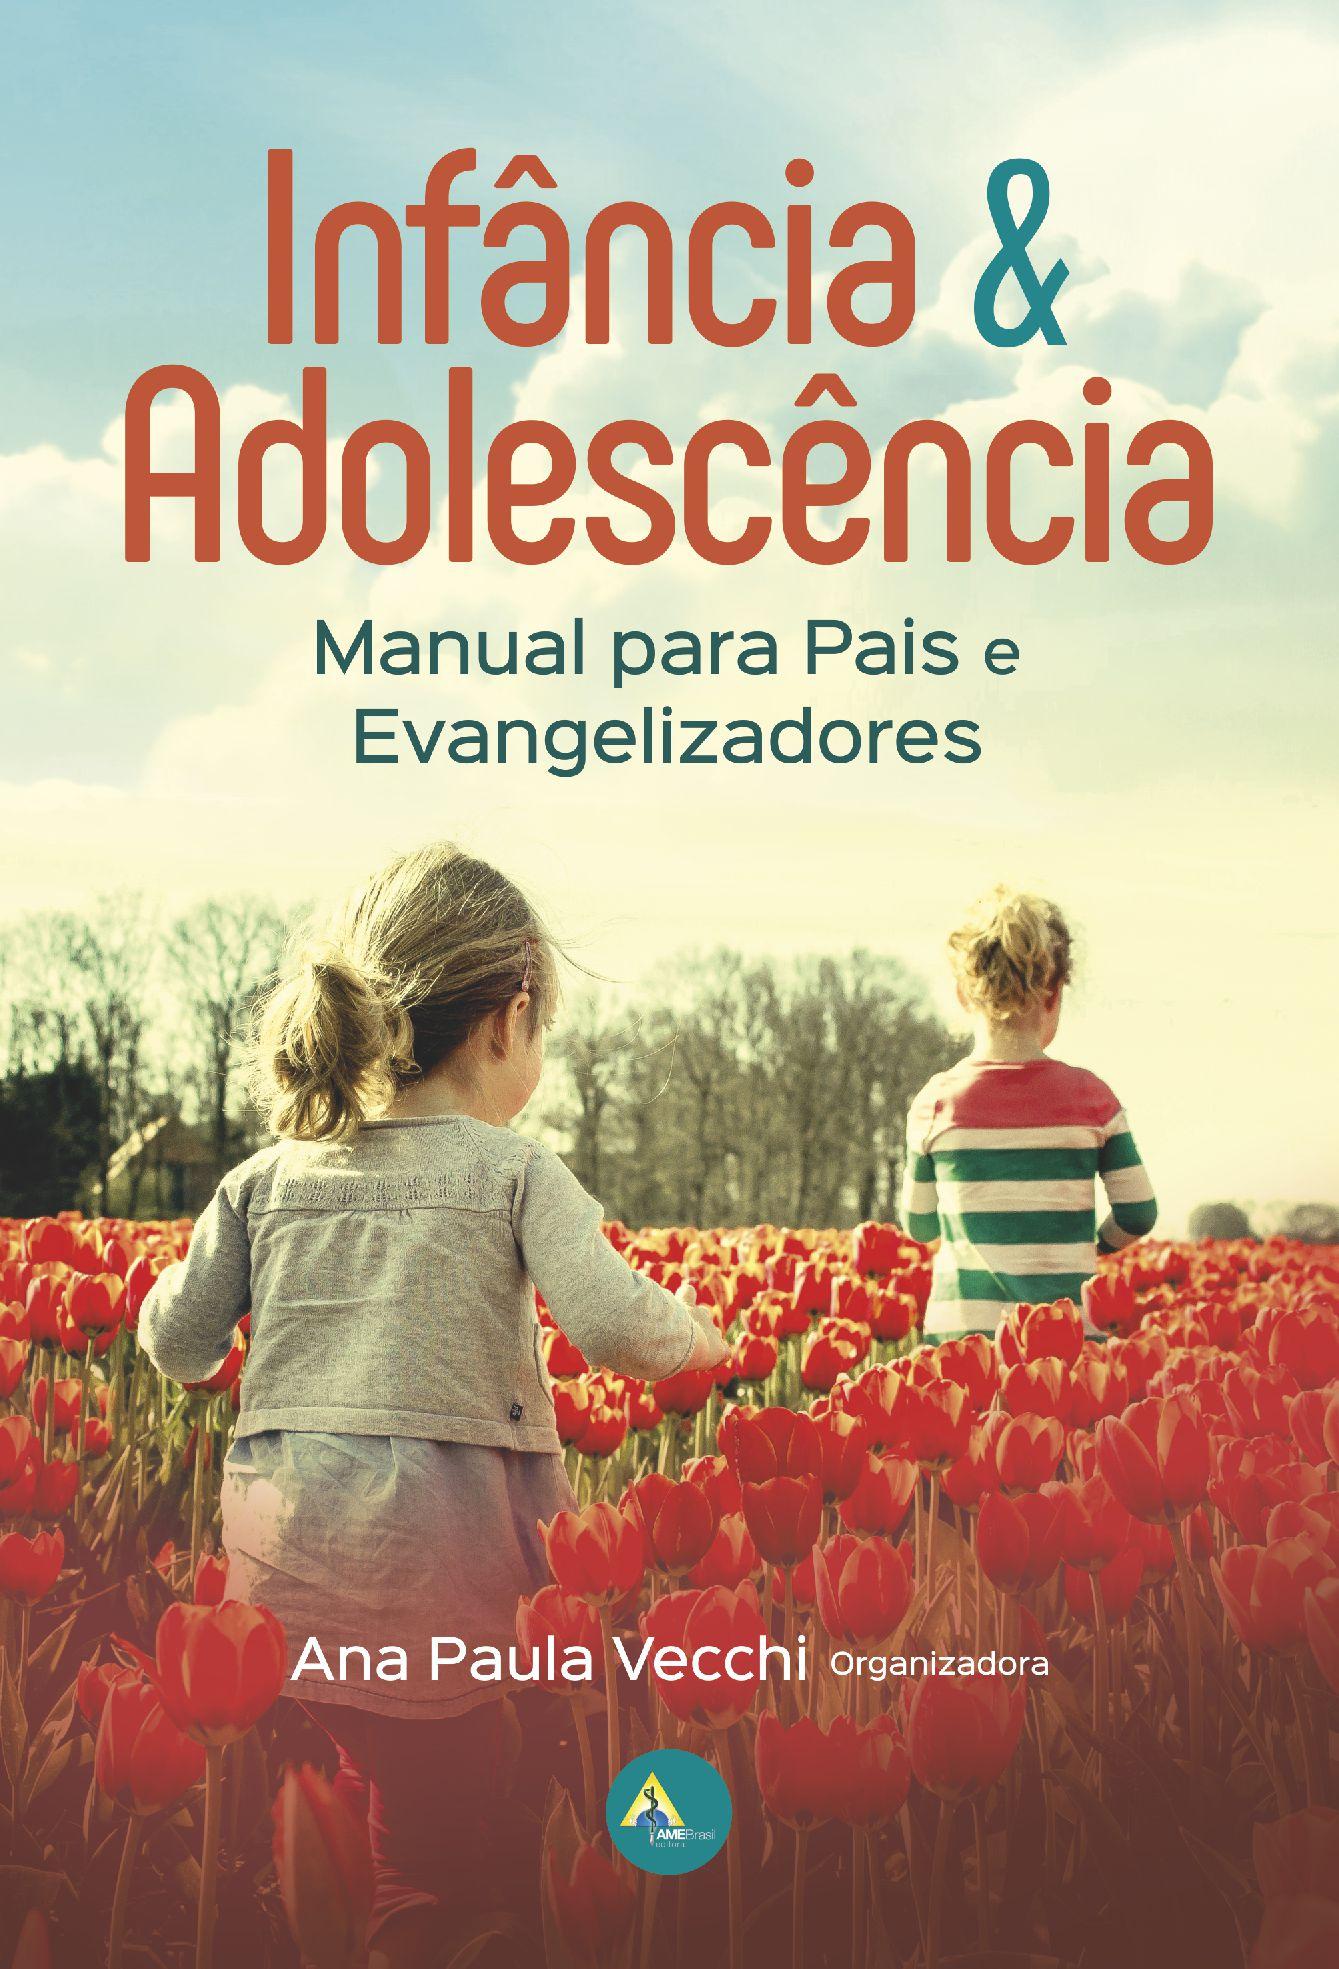 lançamento ame brasil - infÂncia e adolescÊncia: manual para pais e evangelizadores